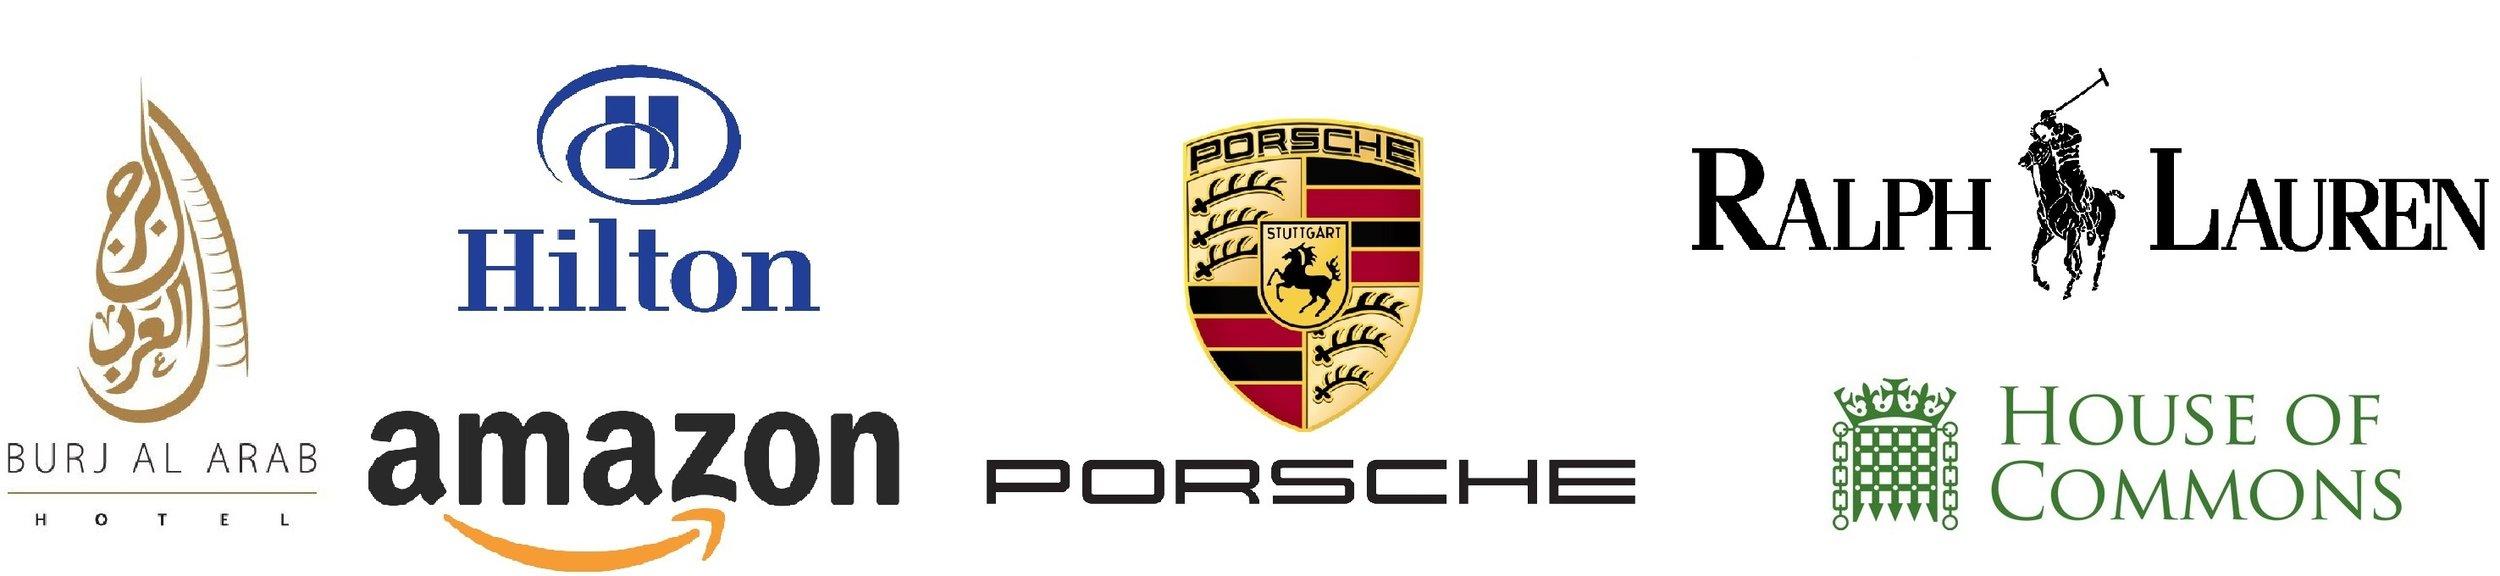 Logo Banner for website.jpg